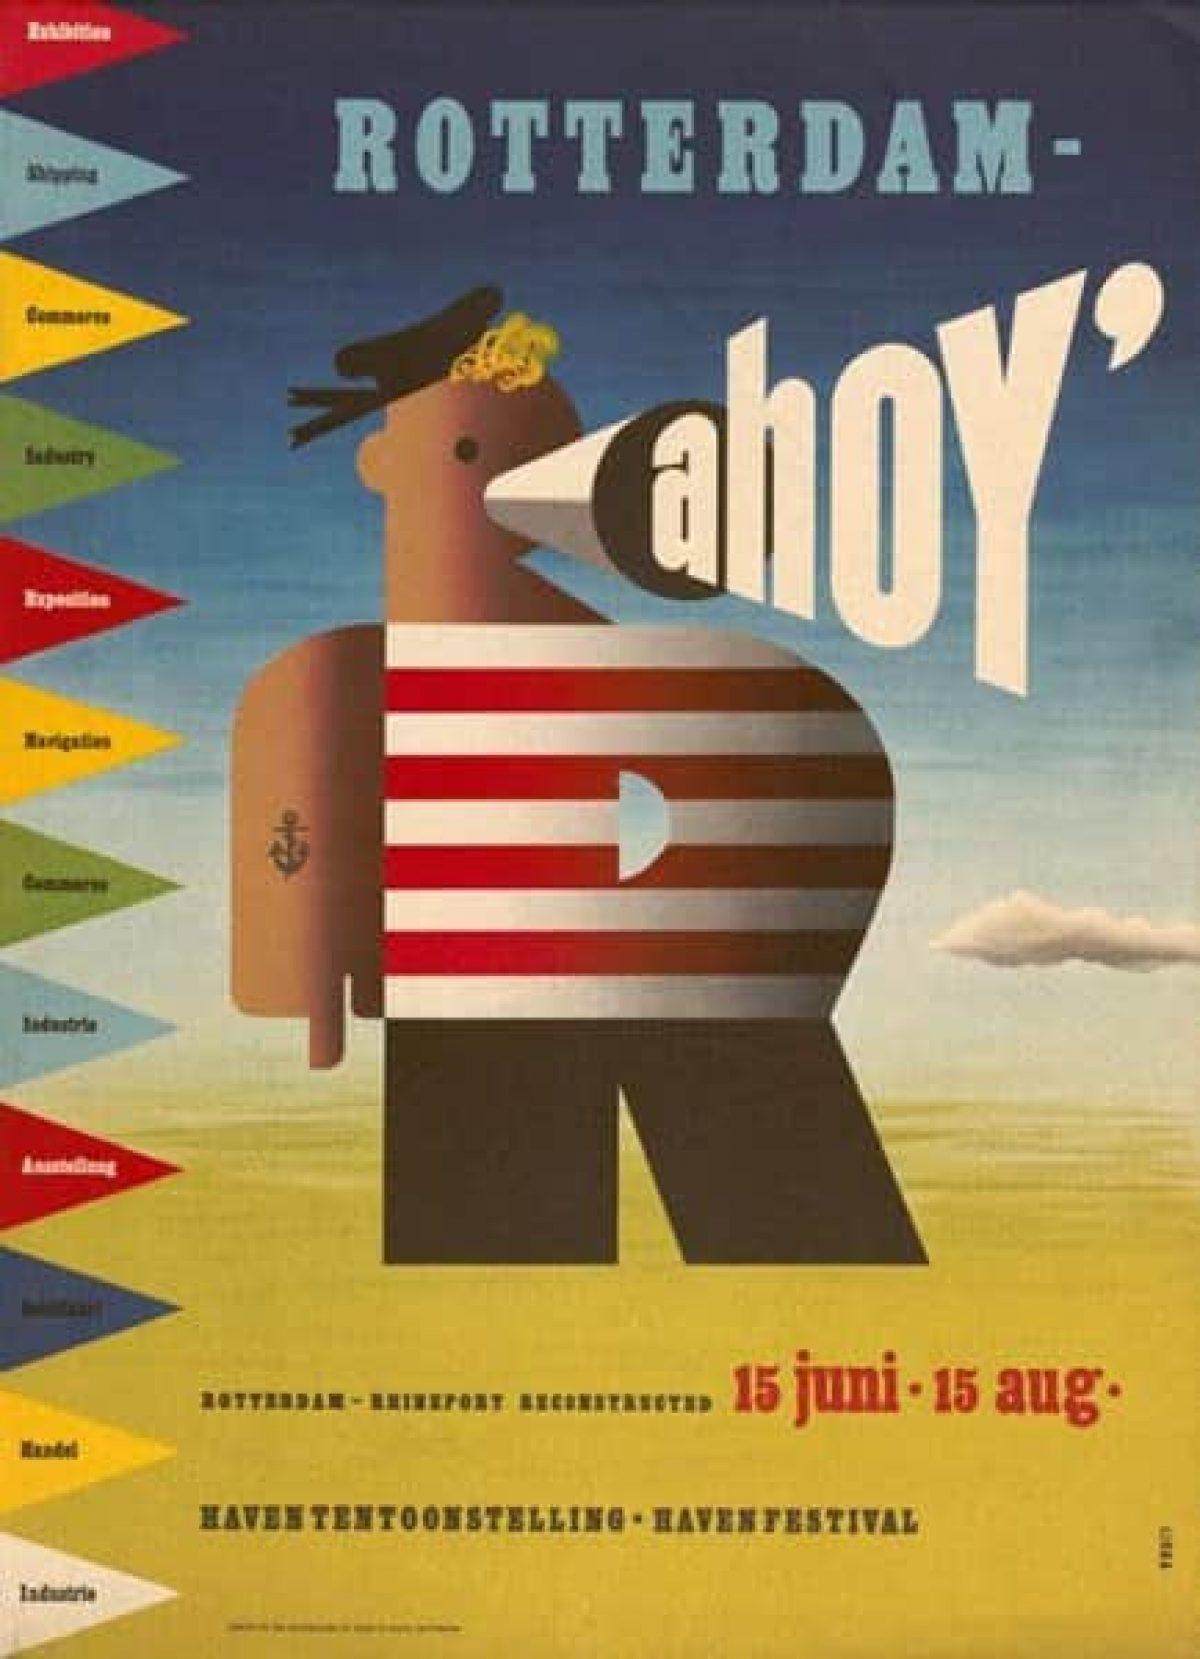 Stadsarchief Ahoy Affiche1